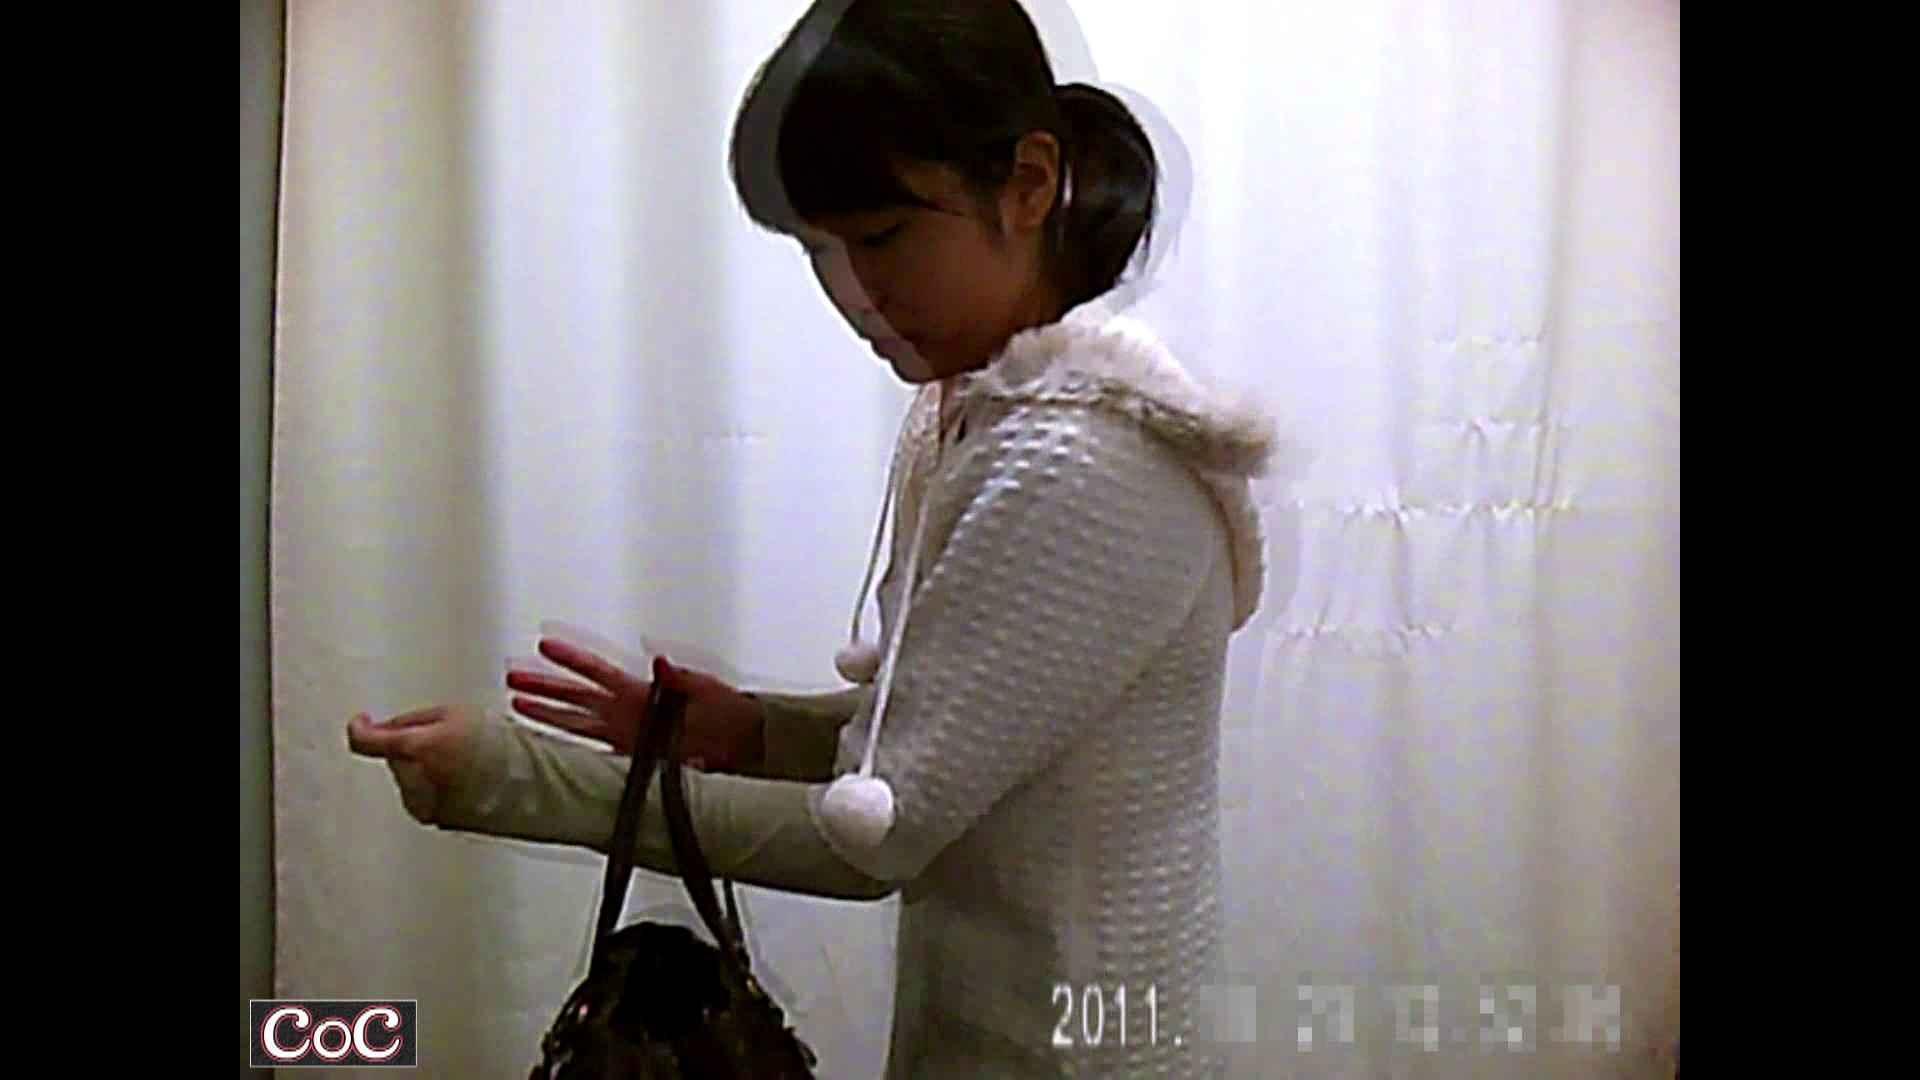 無修正エロ動画|元医者による反抗 更衣室地獄絵巻 vol.226|怪盗ジョーカー